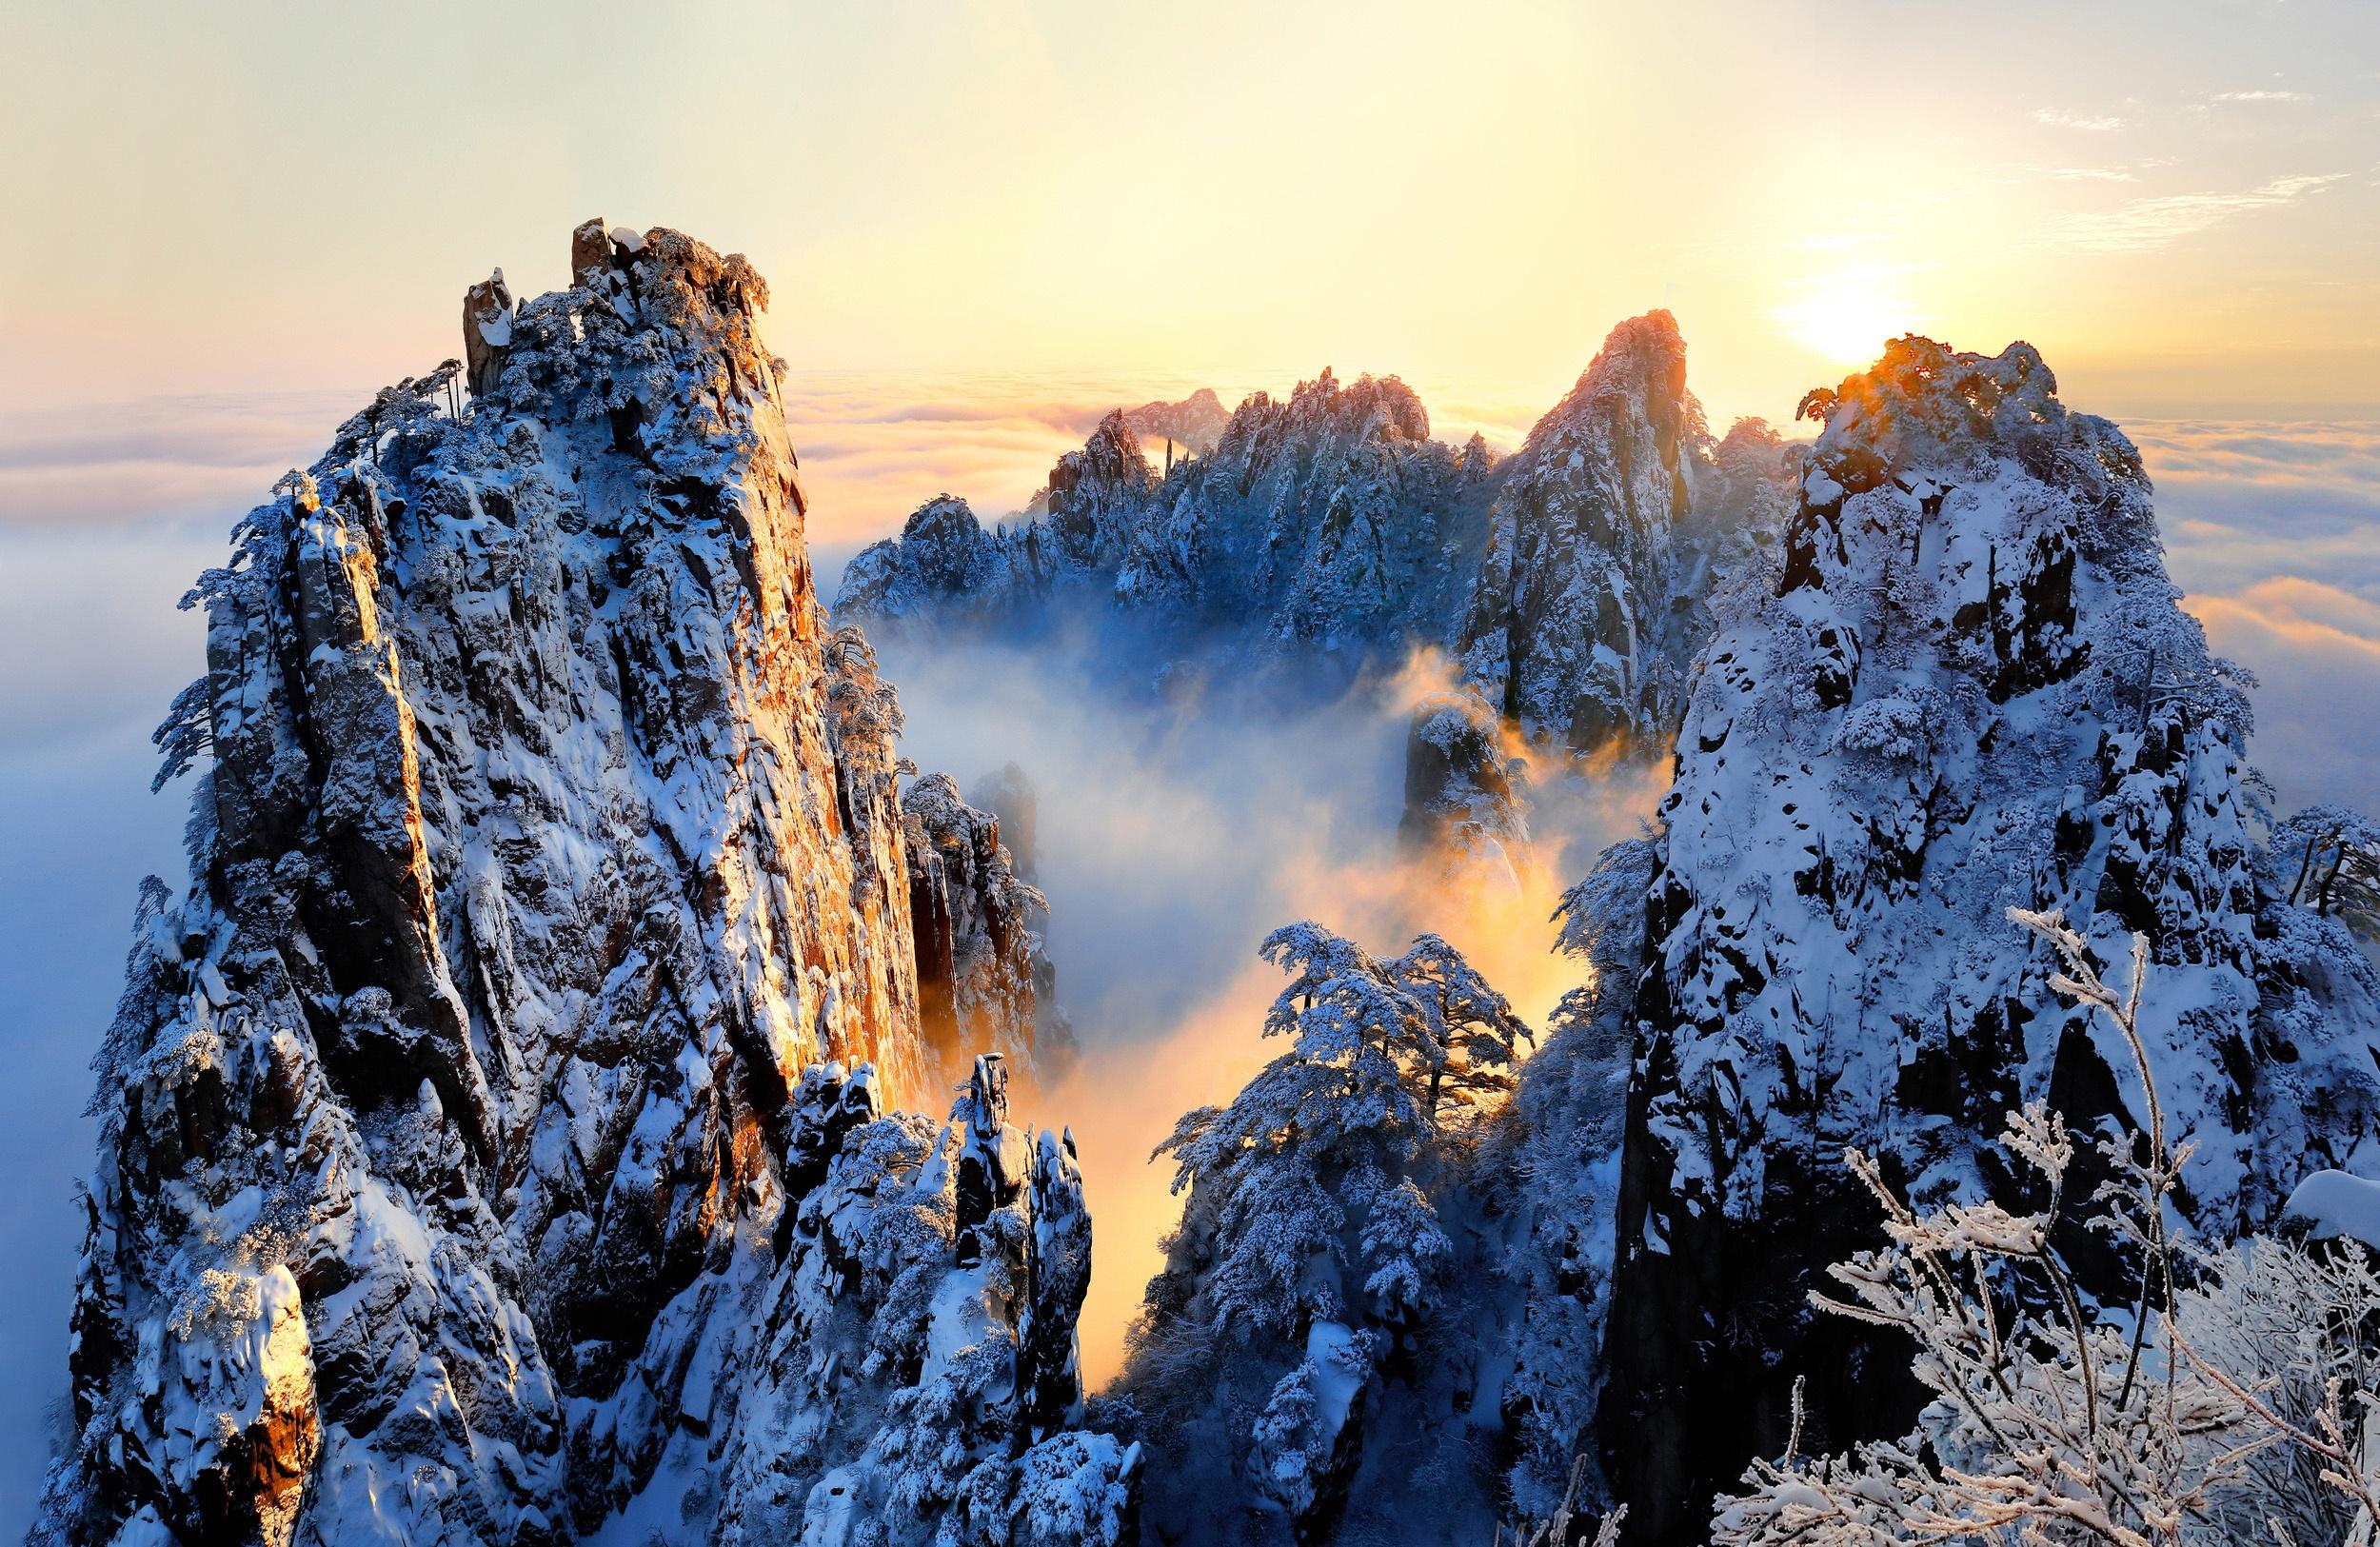 природа зима снег горы скалы деревья  № 2781149 загрузить